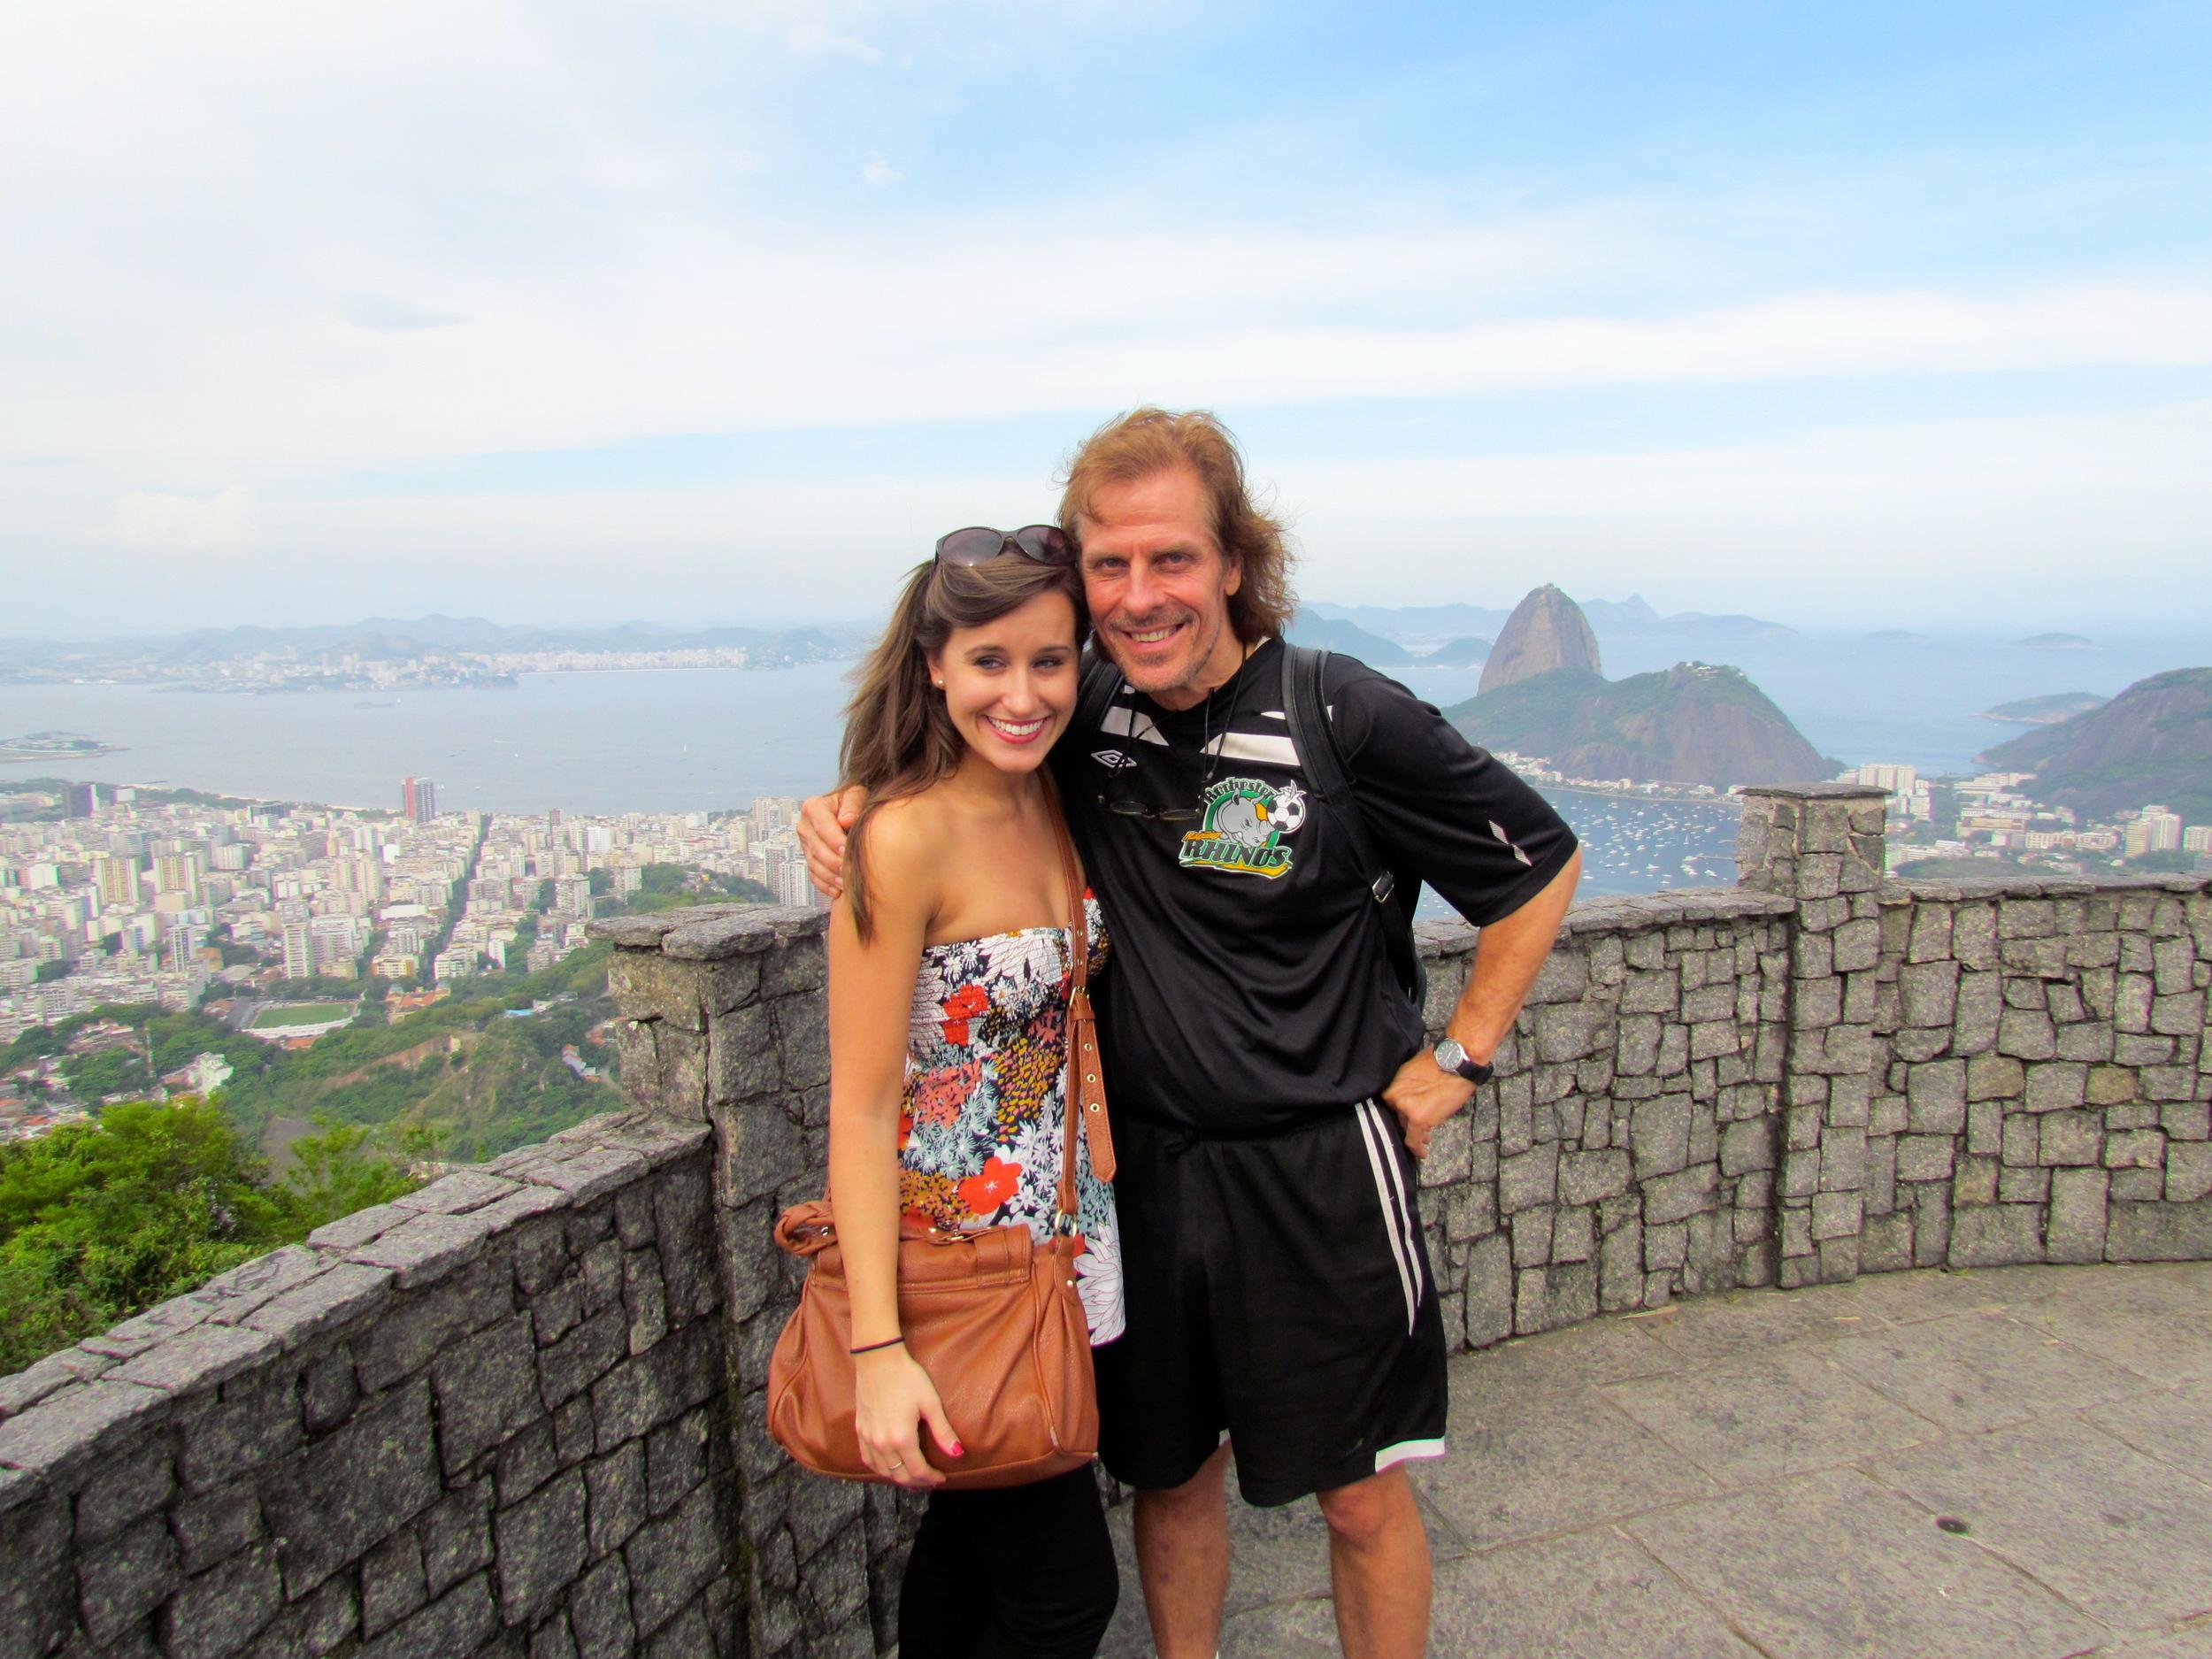 Lauren and Charlie Adams